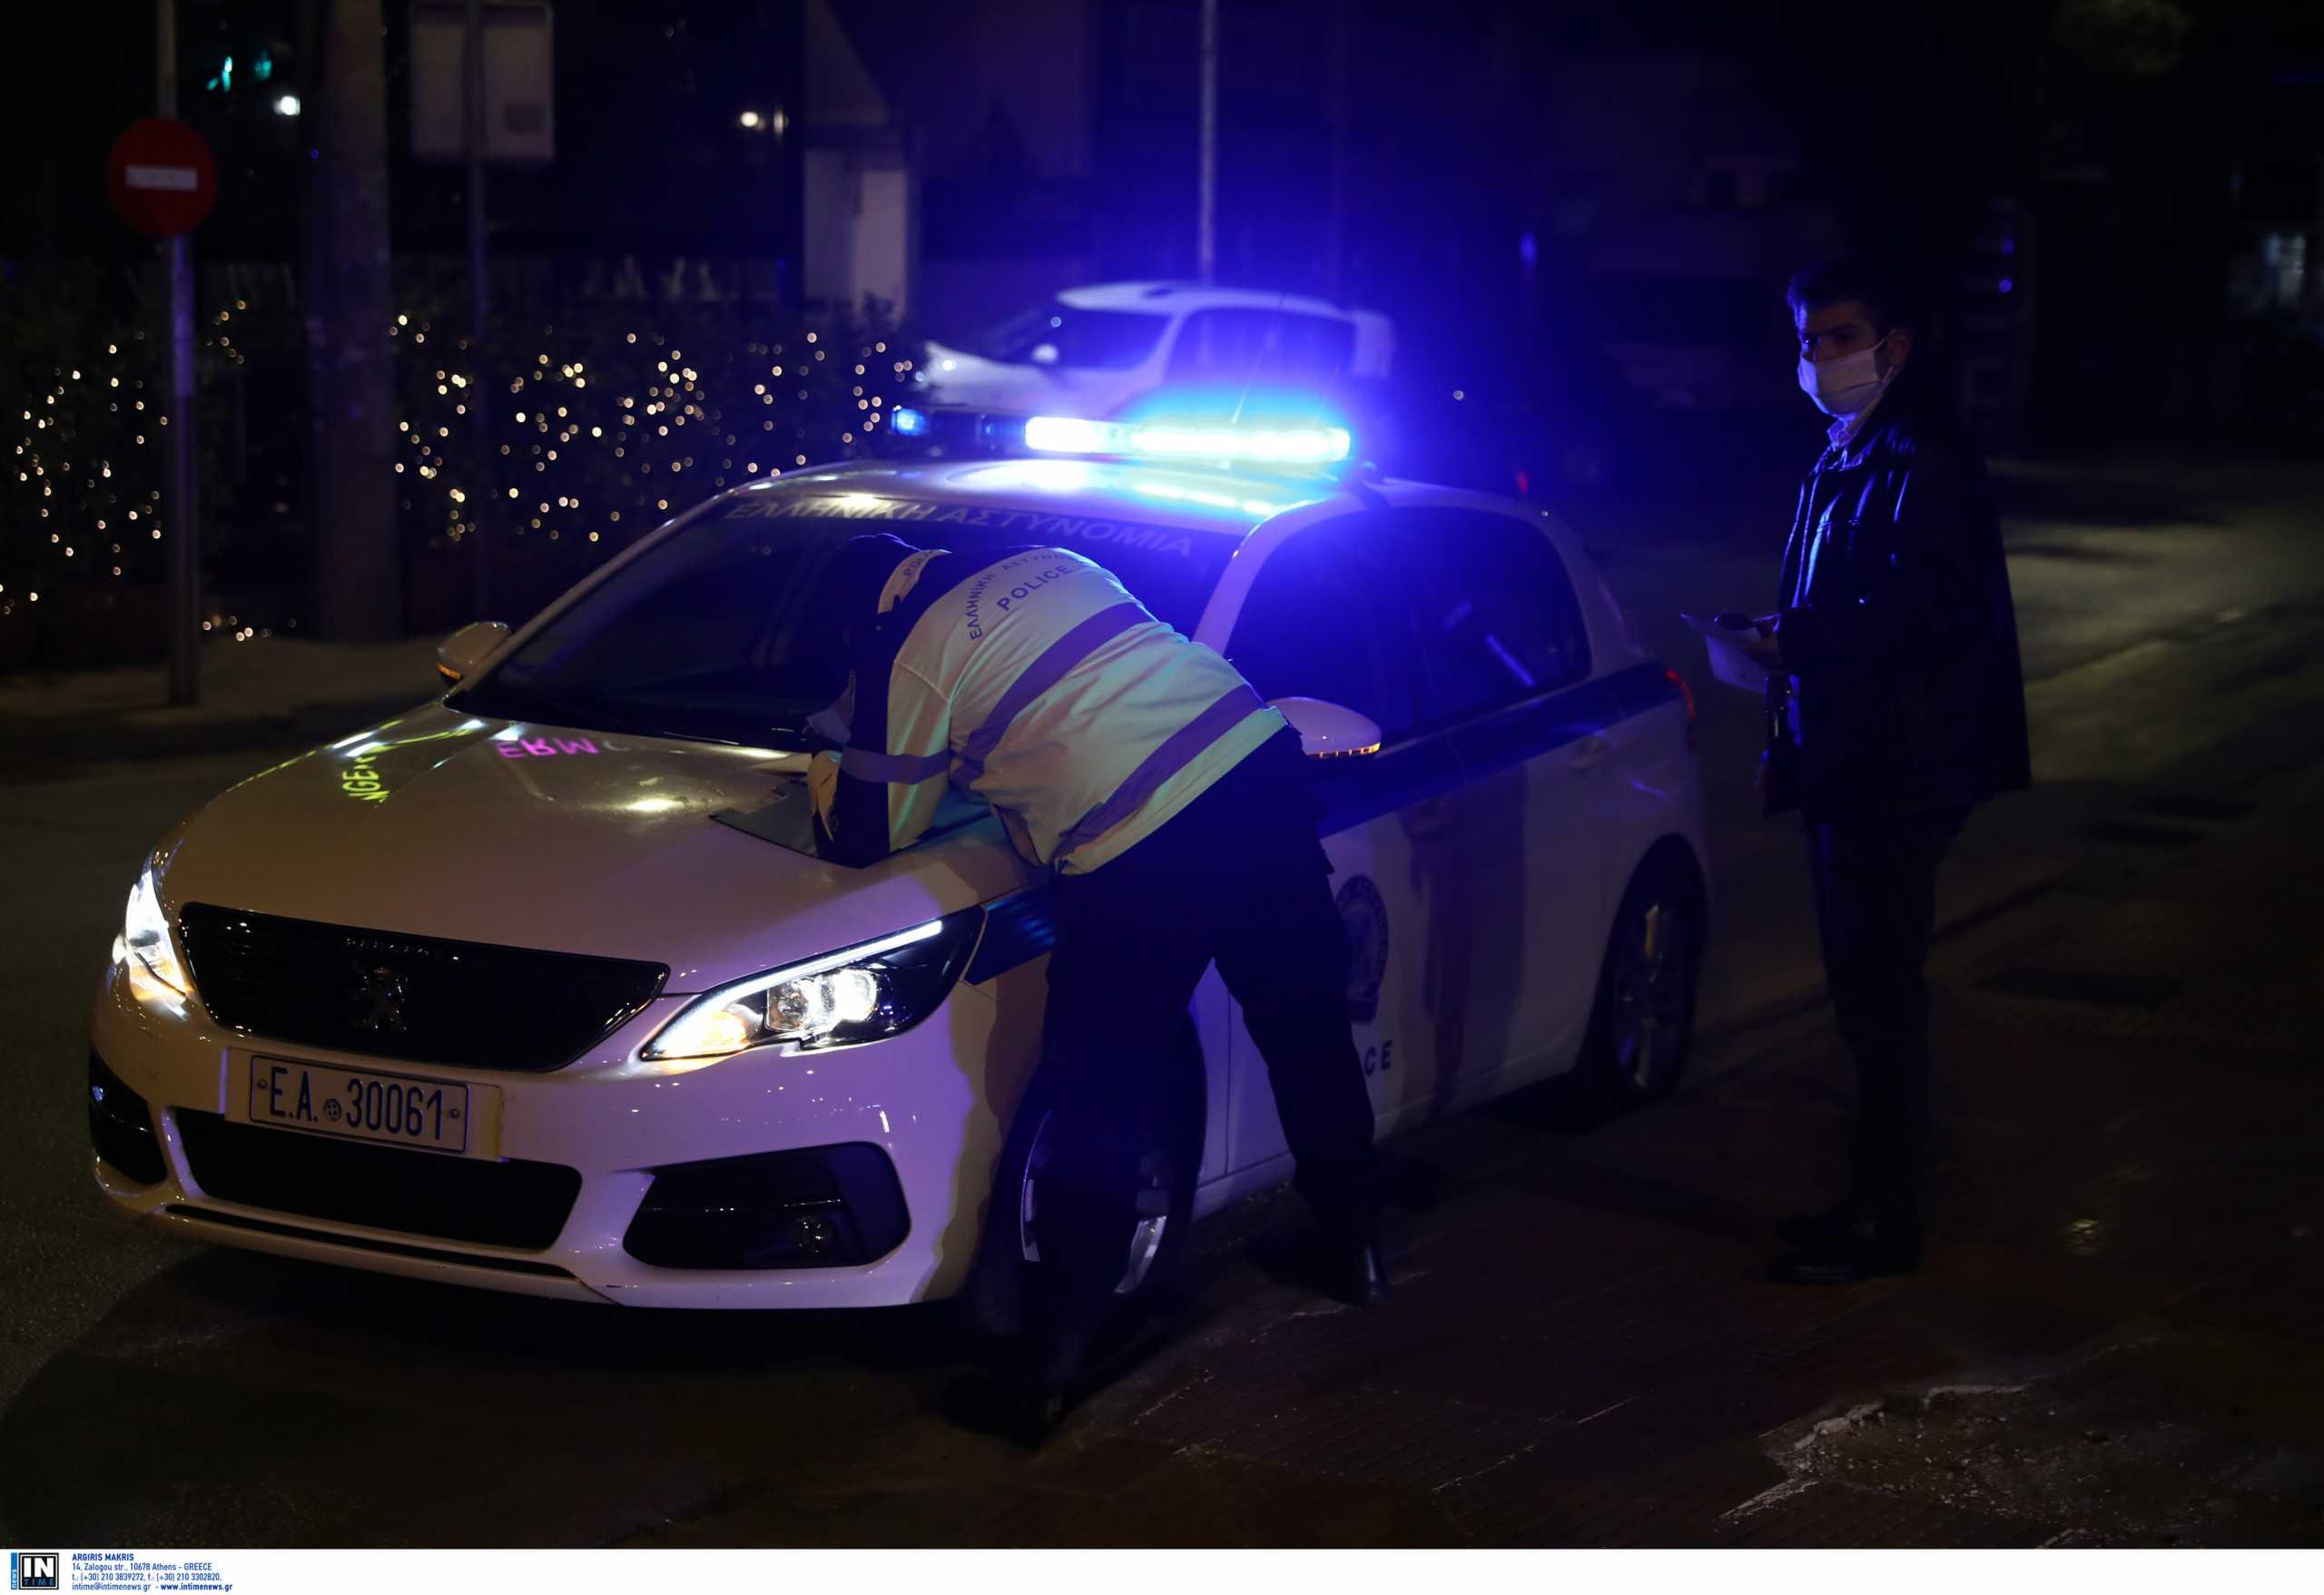 Επίθεση στο Ίδρυμα «Κωνσταντίνος Μητσοτάκης»: Ελεγχόμενη έκρηξη από τους πυροτεχνουργούς